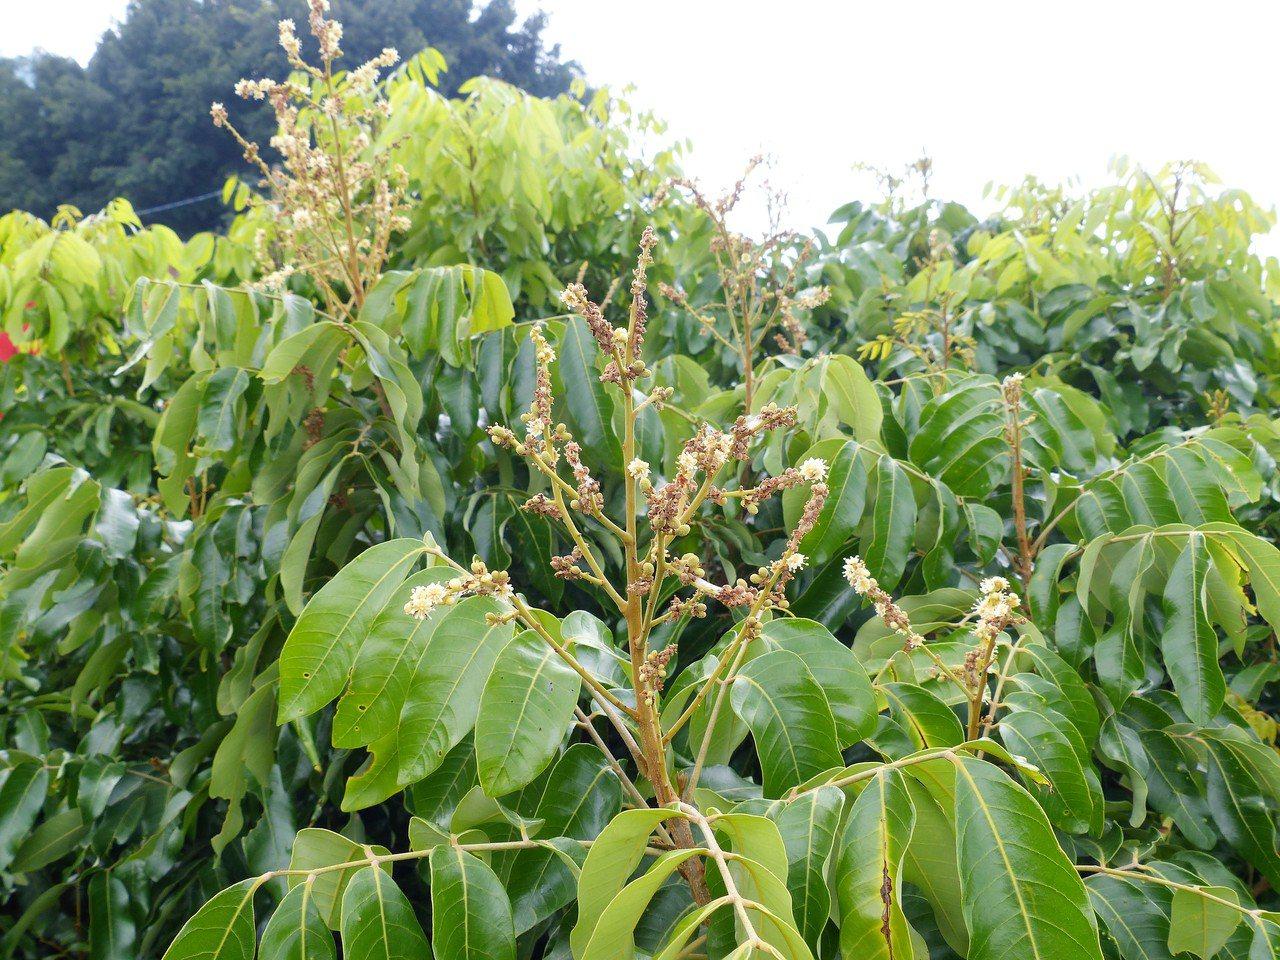 彰化社頭鄉龍泉宮前兩棵龍眼樹居然到今年9月還在開花,信眾嘖嘖稱奇。記者凌筠婷/攝...